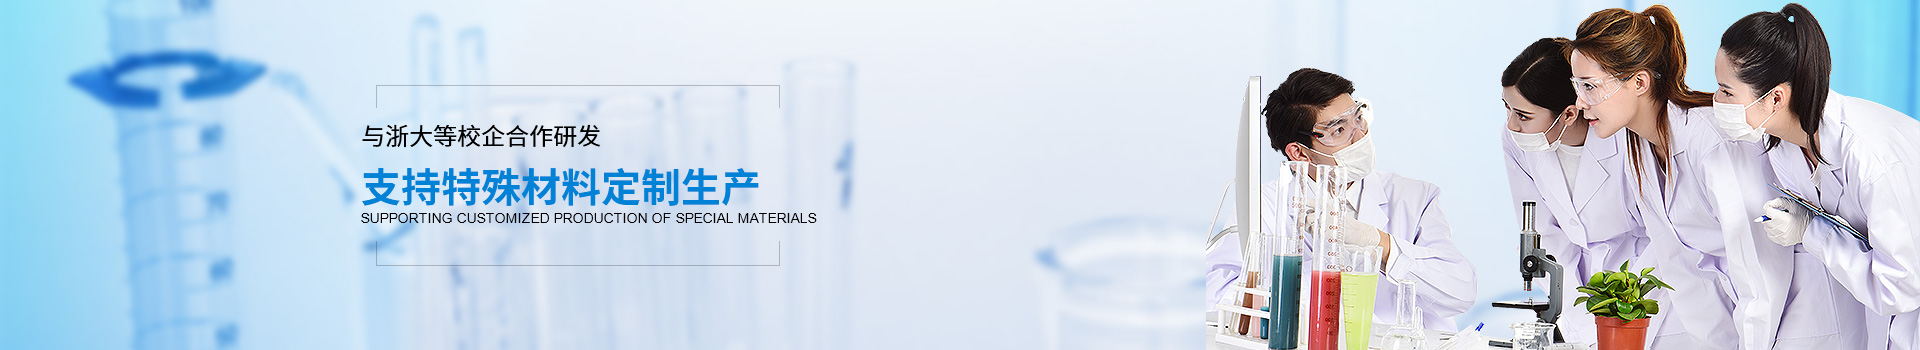 天路凯得丽支持特殊材料定制生产